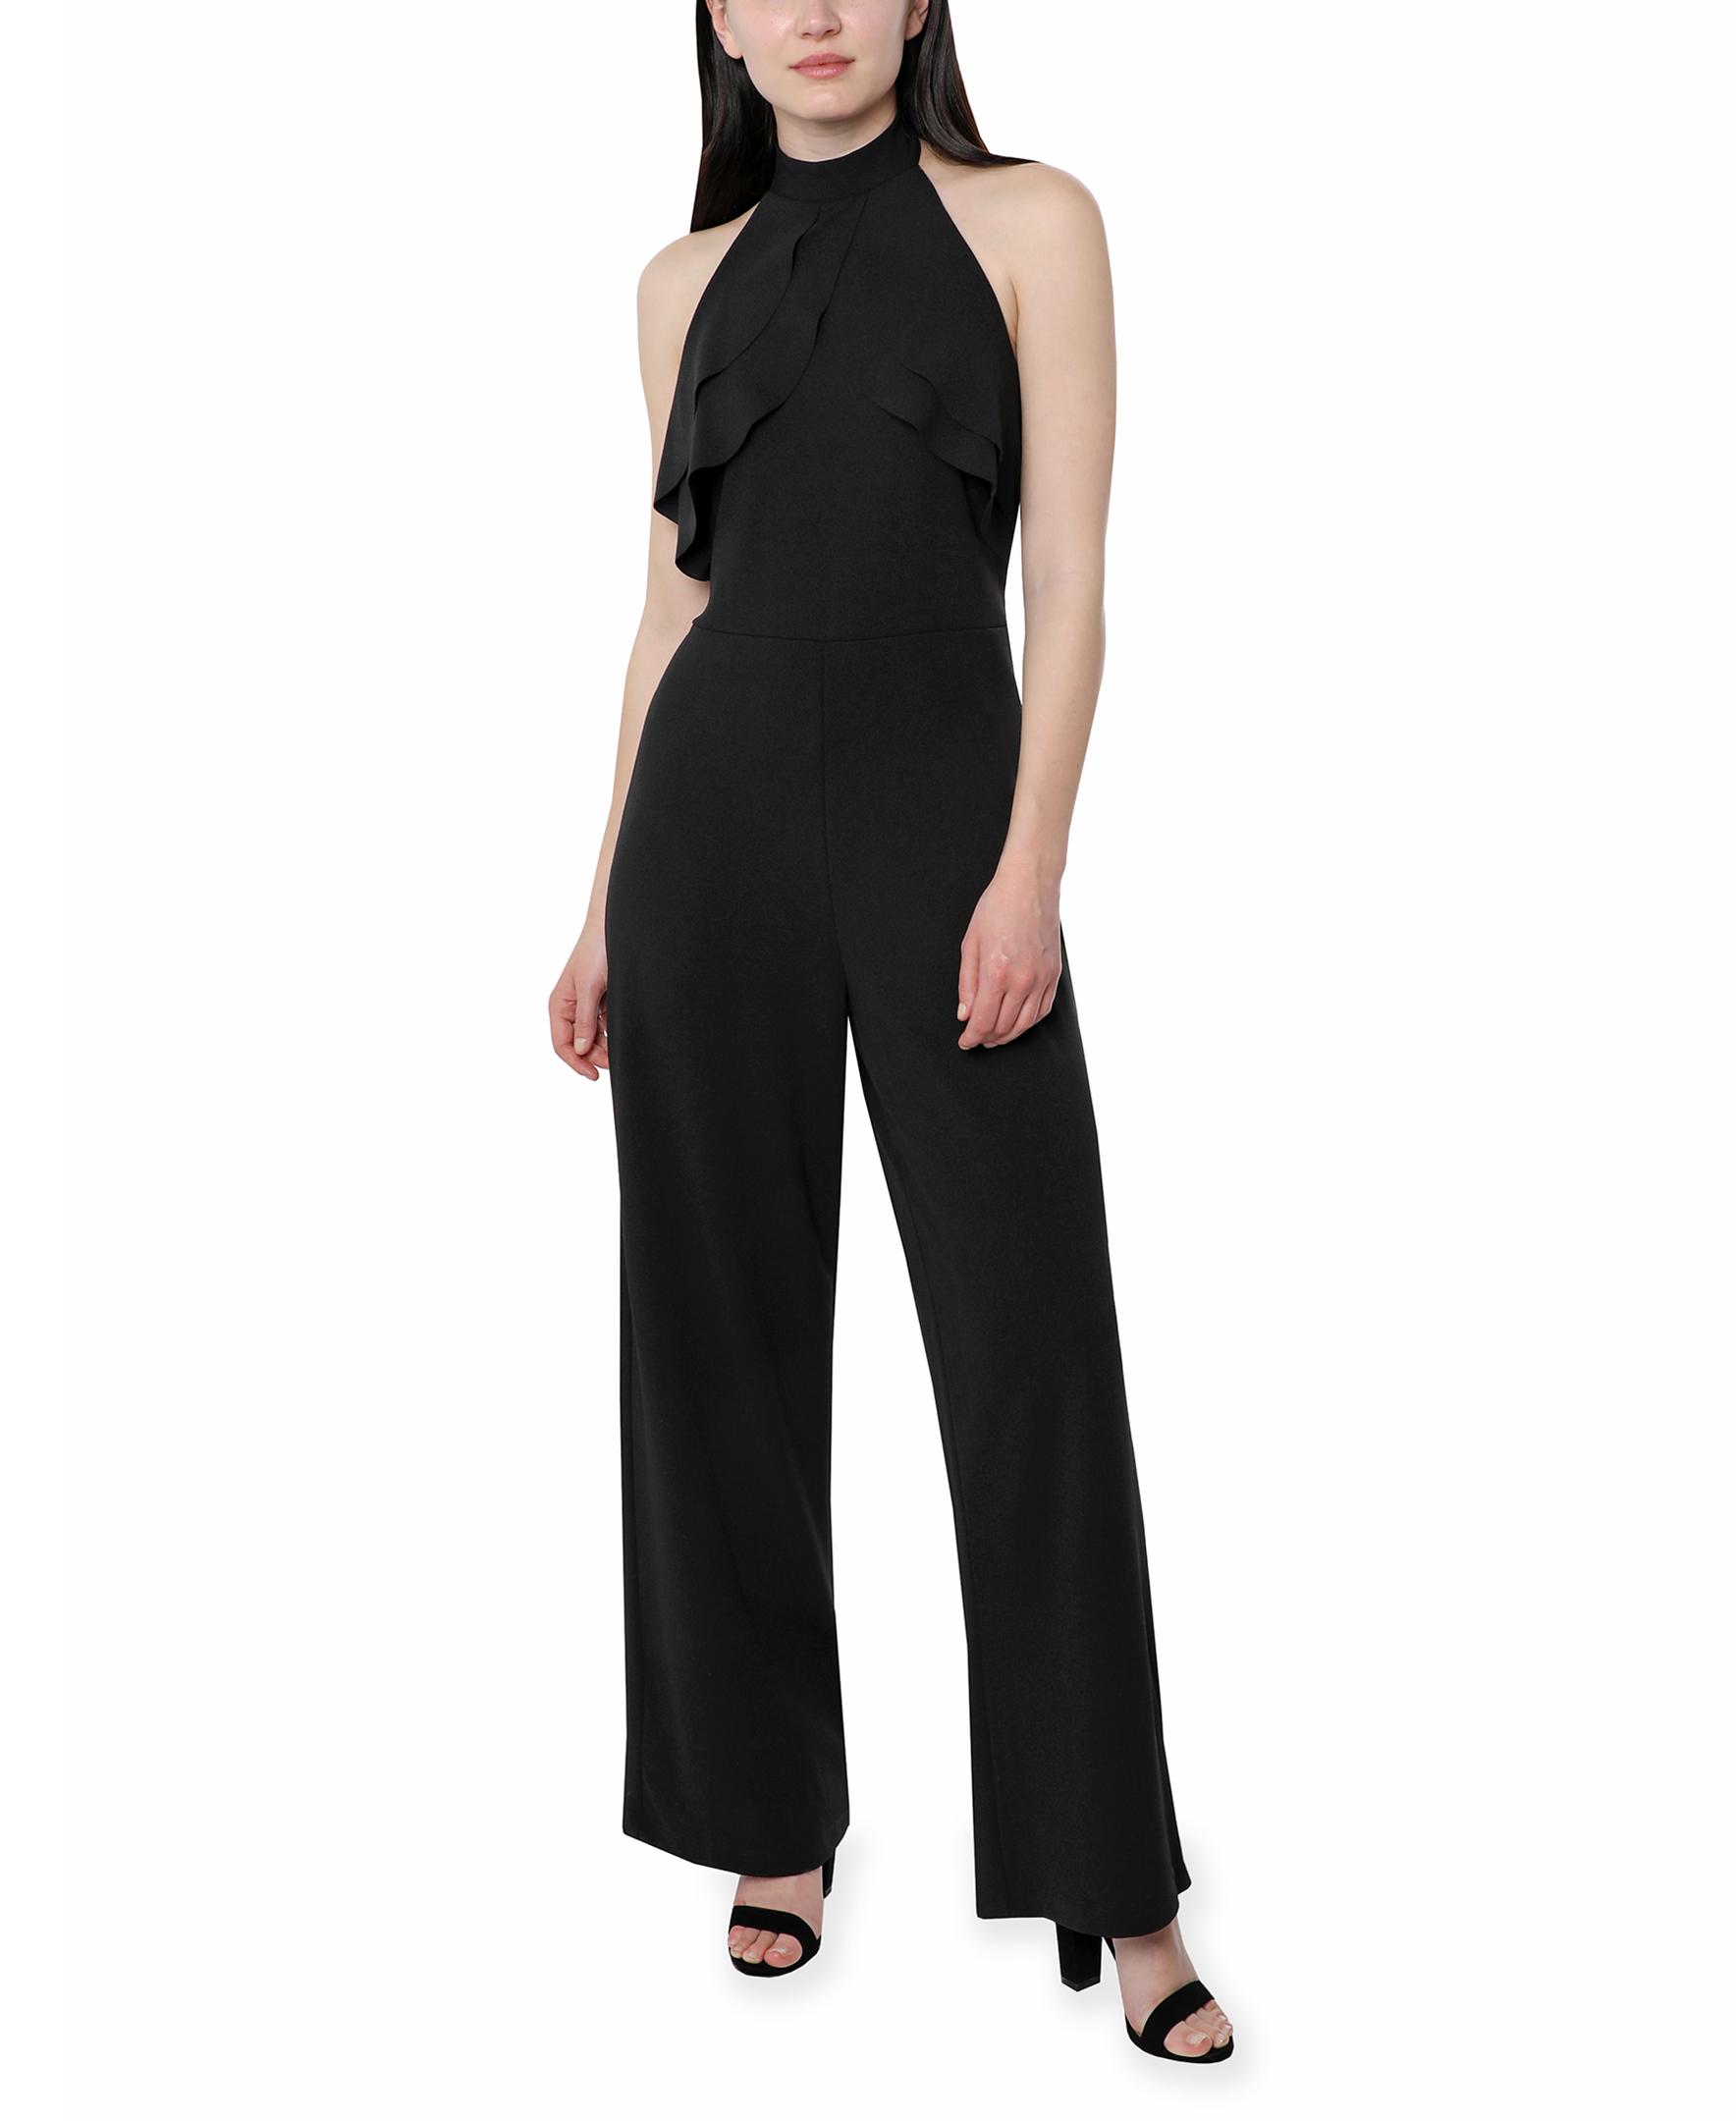 Bebe Halter Jumpsuit -black - Front